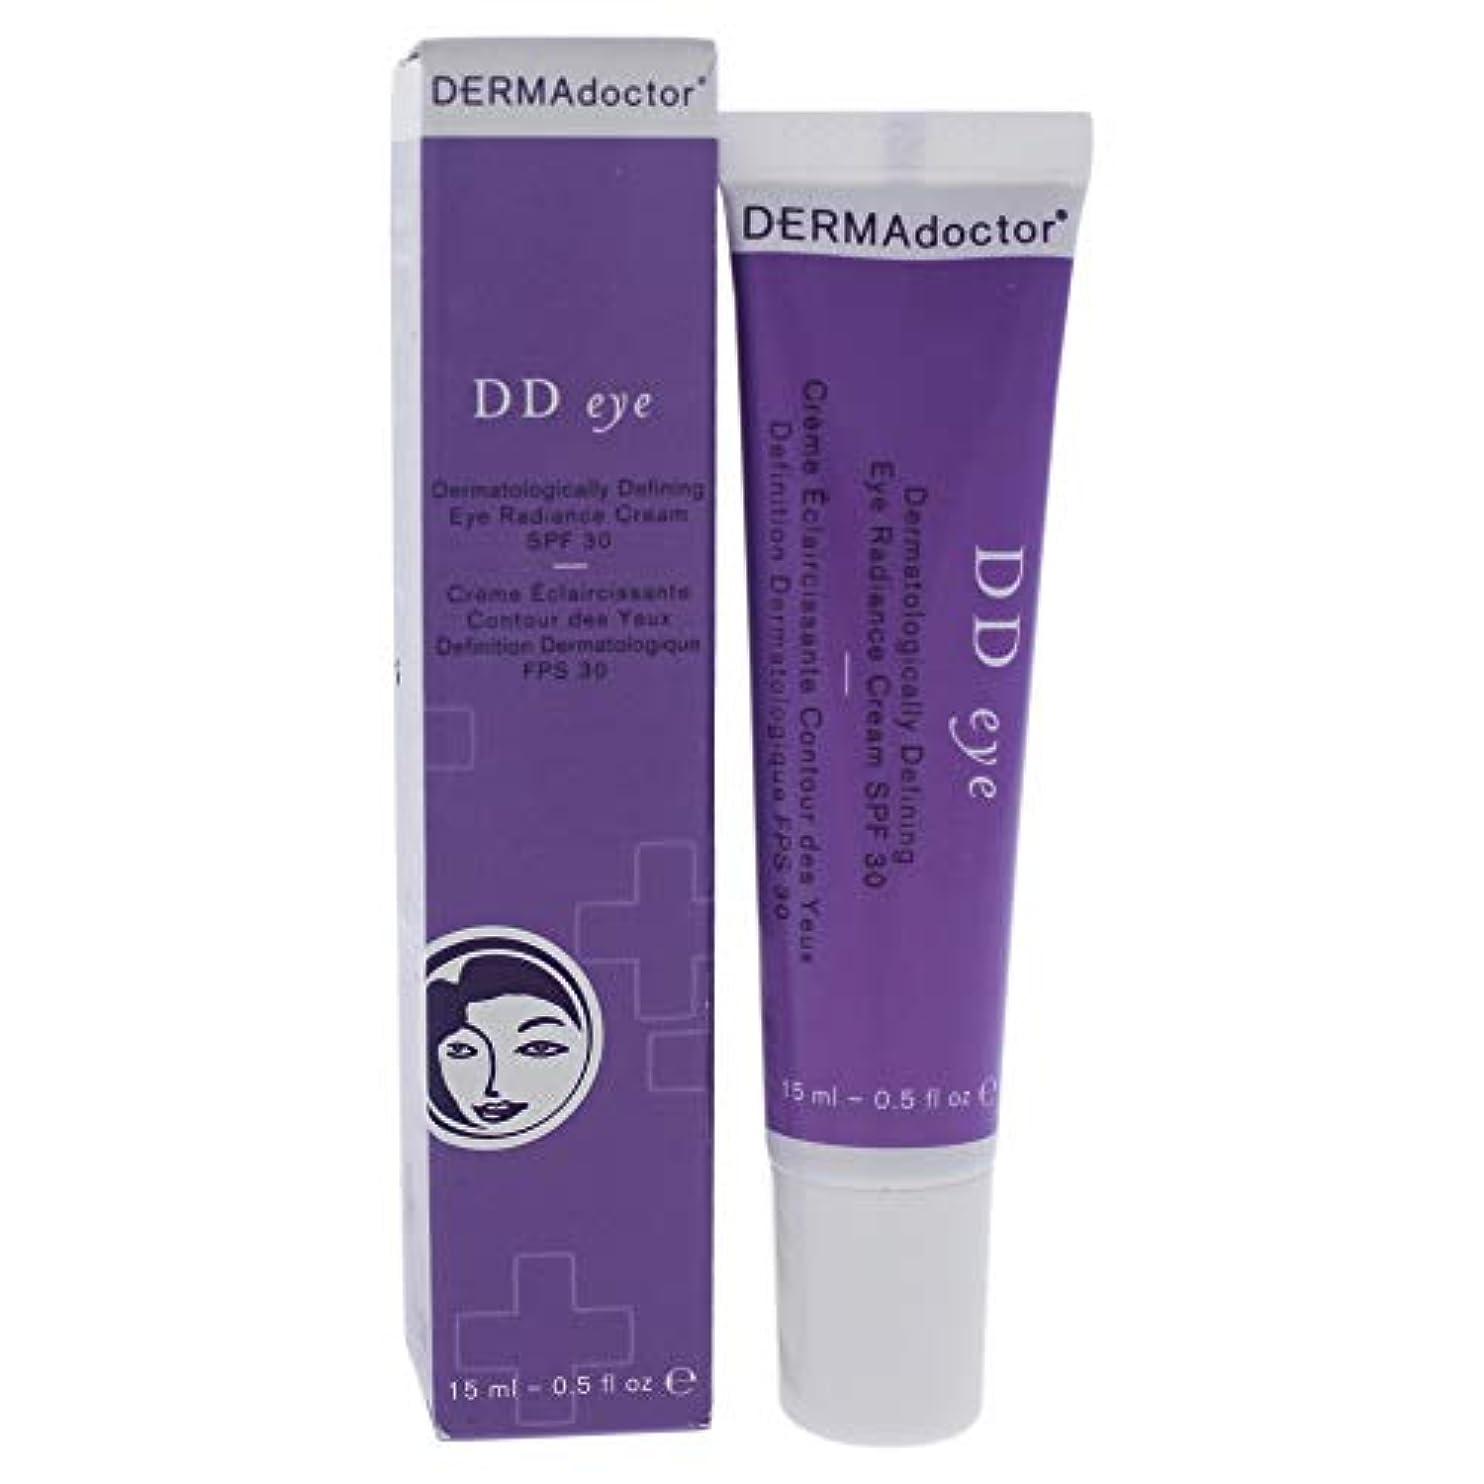 白い運動エントリDD Eye Dermatologically Defining Radiance Cream SPF 30